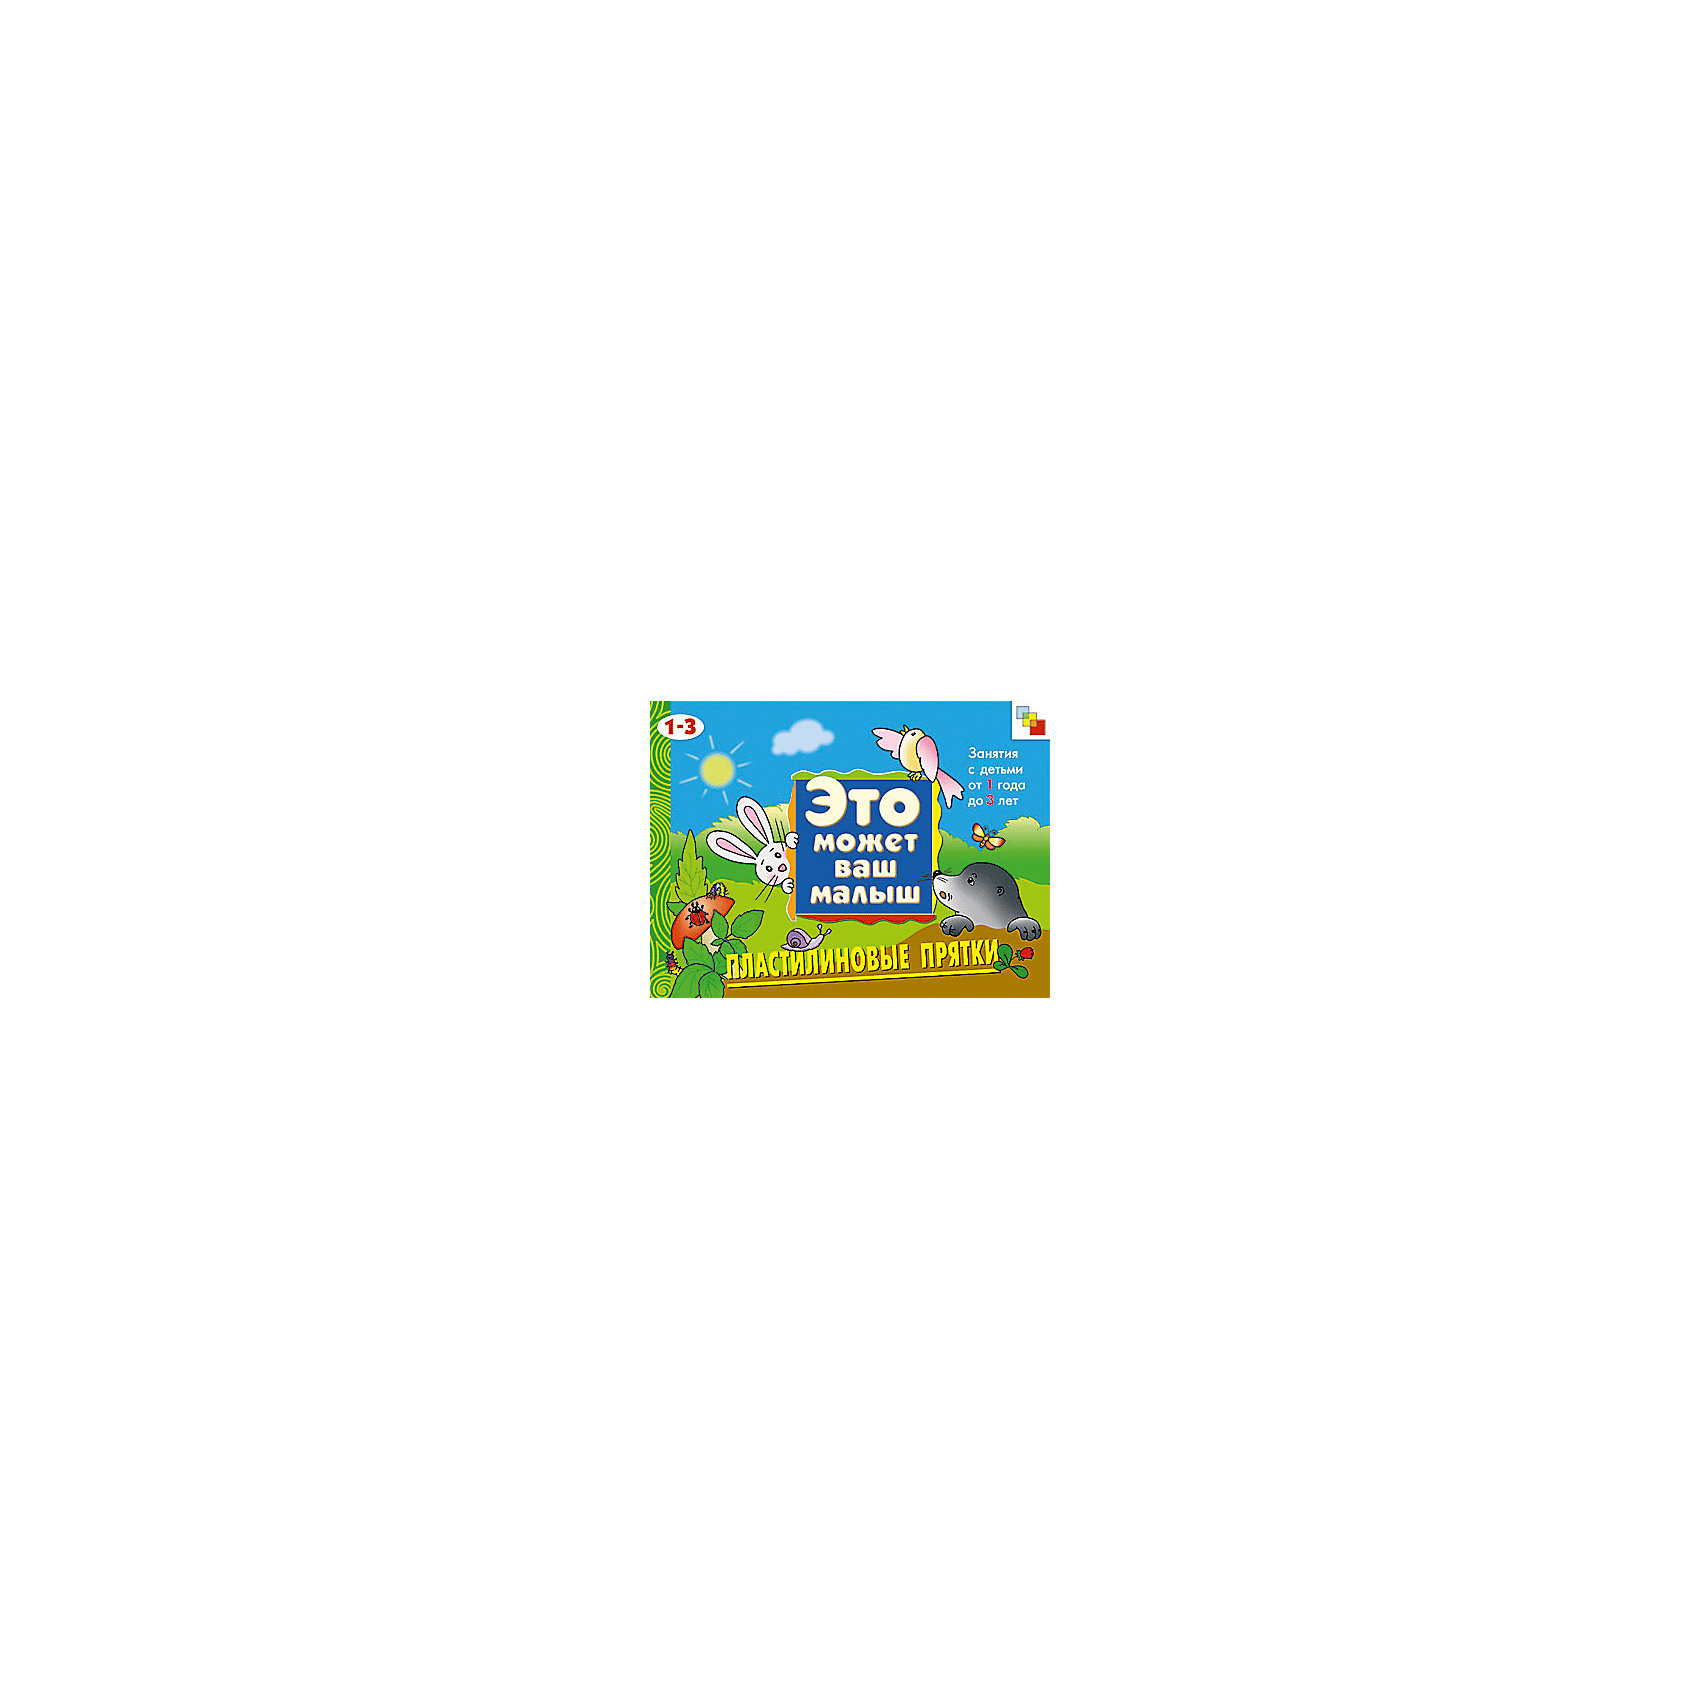 Пластилиновые прятки, Это может Ваш малышКниги по лепке<br>Характеристики пластилиновых пряток:<br><br>• возраст: от 1 до 3 лет<br>• пол: для мальчиков и девочек<br>• материал: бумага.<br>• количество страниц: 12.<br>• размер игрушки: 21.6 x 29 x 2 см.<br>• переплет: мягкий.<br>• иллюстрации: цветные.<br>• бренд: Мозаика-Синтез<br>• страна обладатель бренда: Россия.<br><br>Художественный альбом Пластилиновые прятки обязательно привлечет внимание малыша. Это яркая интересная книжка, которая поможет ребенку познать окружающий мир, изучить новые слова и формы. Отщипывая пластилин и вдавливая его в иллюстрации книжки, ребенок сможет создавать простые и понятные для его возраста картинки. <br><br>Такого рода занятия развивают фантазию и художественный вкус, поскольку малыш сам решает куда именно приклеить кусочек пластилина. Выполняя задания, напечатанные на страничке, ребенок может присыпать снегом берлогу медведя или спрятать птичку в зеленой листве. Пластилин в комплект не входит. <br><br>Пластилиновые прятки серии Это может Ваш малыш от торговой компании Мозаика-Синтез можно купить в нашем интернет-магазине.<br><br>Ширина мм: 2<br>Глубина мм: 290<br>Высота мм: 215<br>Вес г: 130<br>Возраст от месяцев: 12<br>Возраст до месяцев: 36<br>Пол: Унисекс<br>Возраст: Детский<br>SKU: 5362833